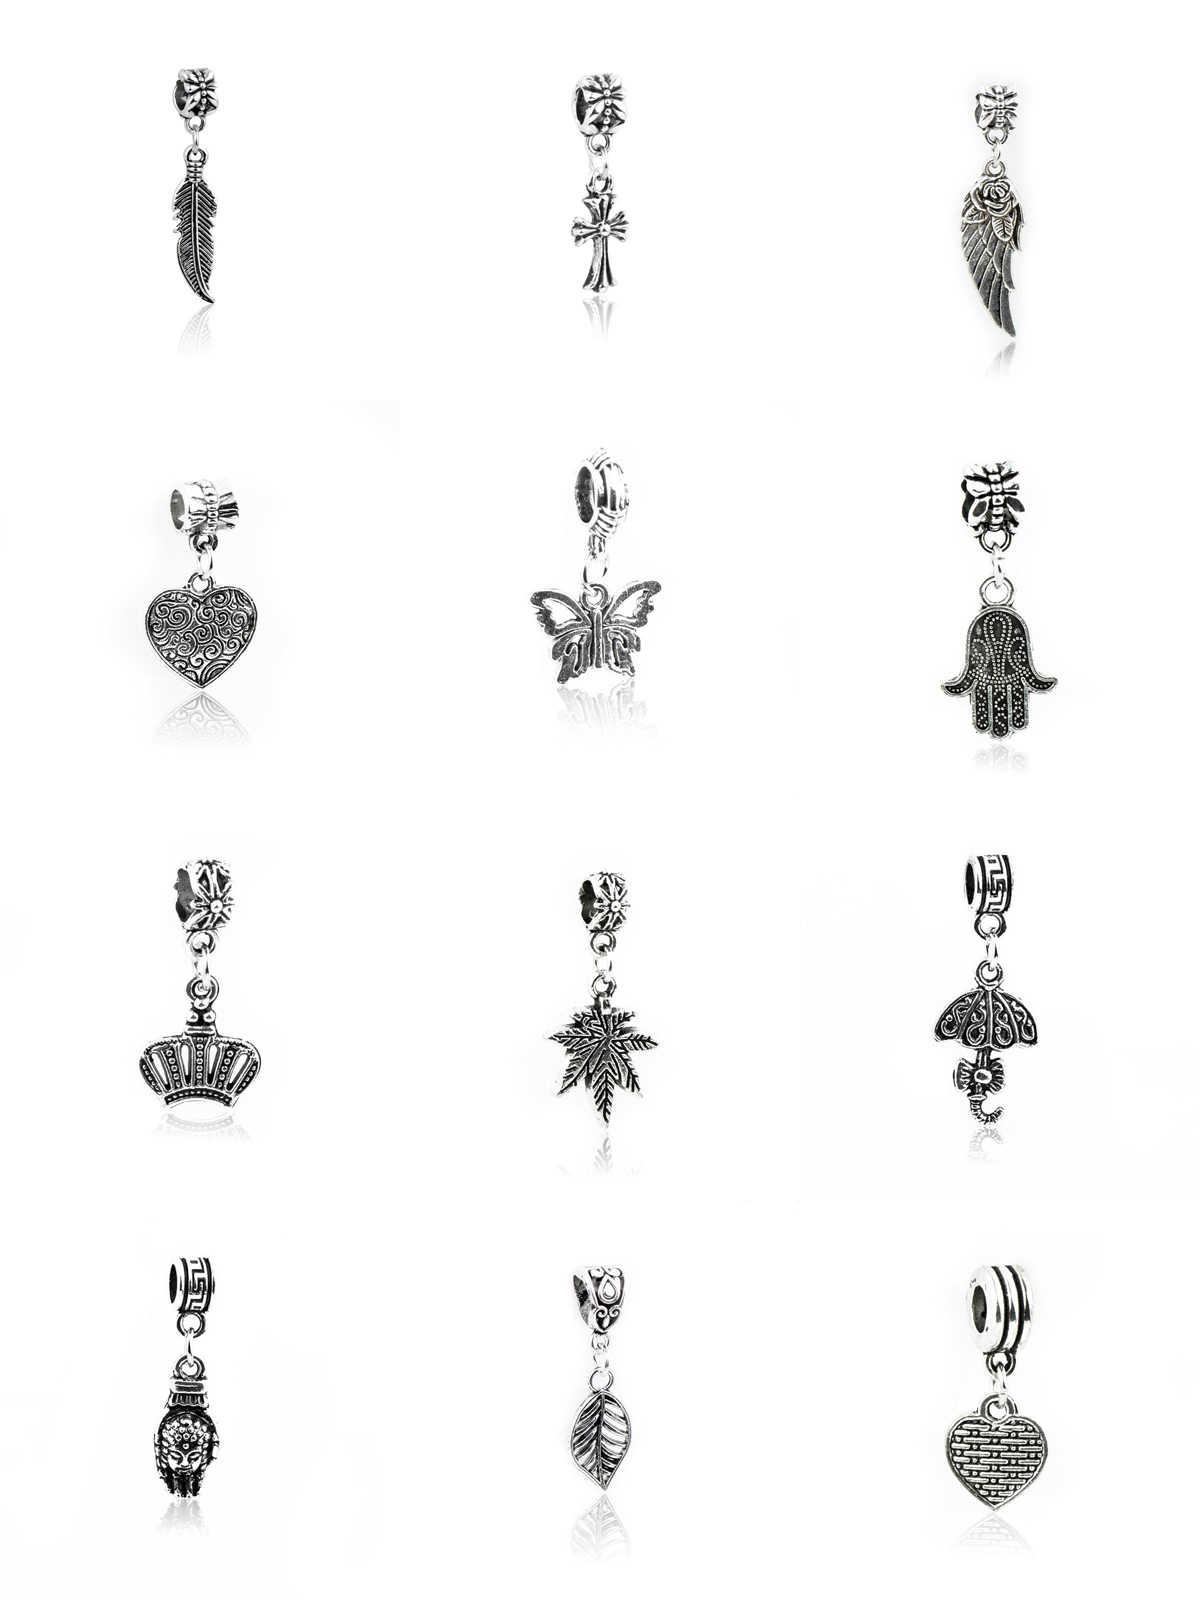 2019 del Metallo Della Lega Croce, Golden Tree, Fantasma Artiglio, Foglia, Amore Piuma, Ombrello, Corona, palmo della mano, Maple Leaf, Farfalla, Caduta di fascino